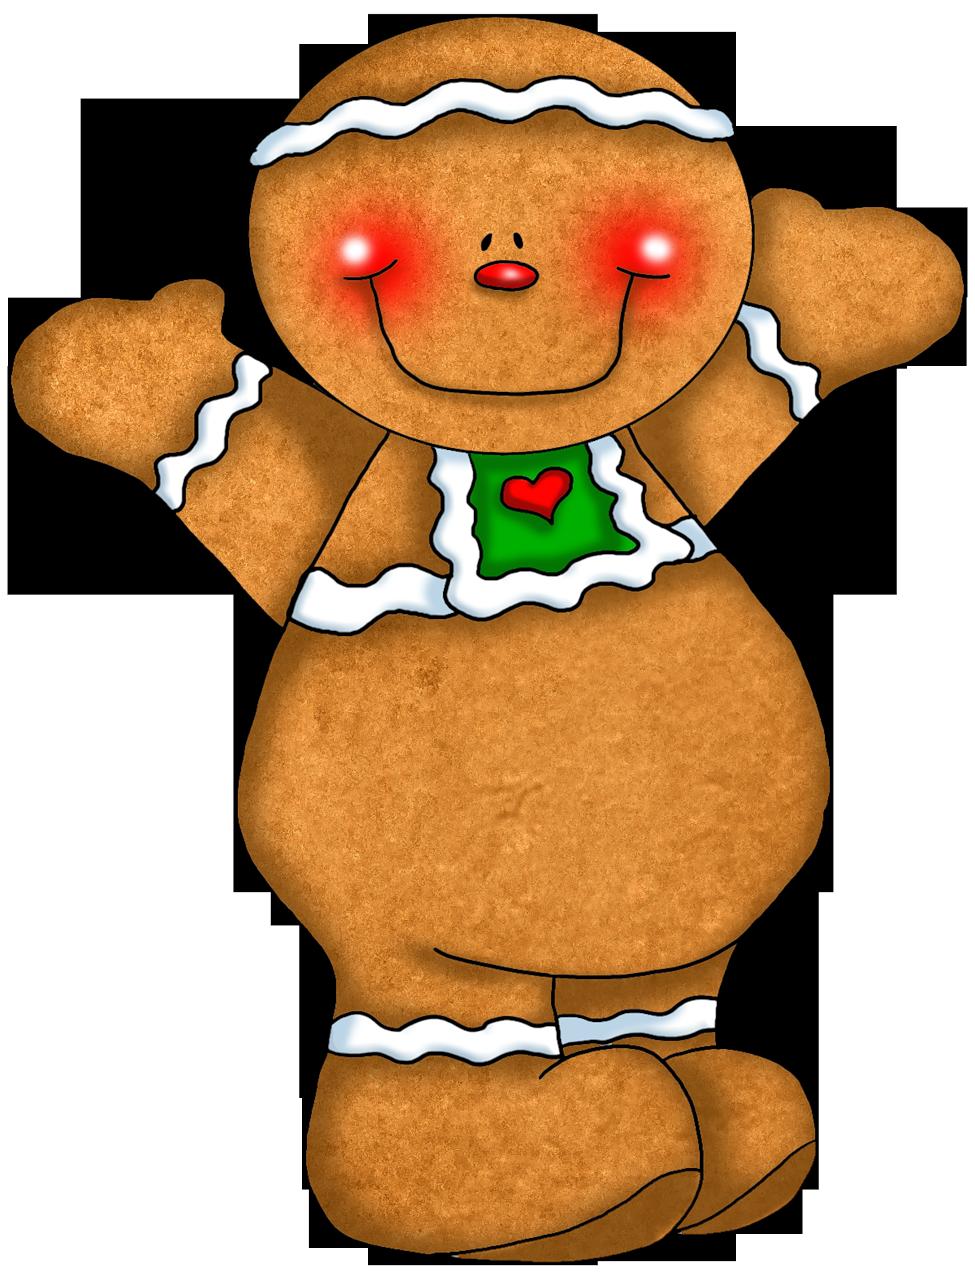 Gingerbread man ornaments - Cute Gingerbread Ornament Png Clipart